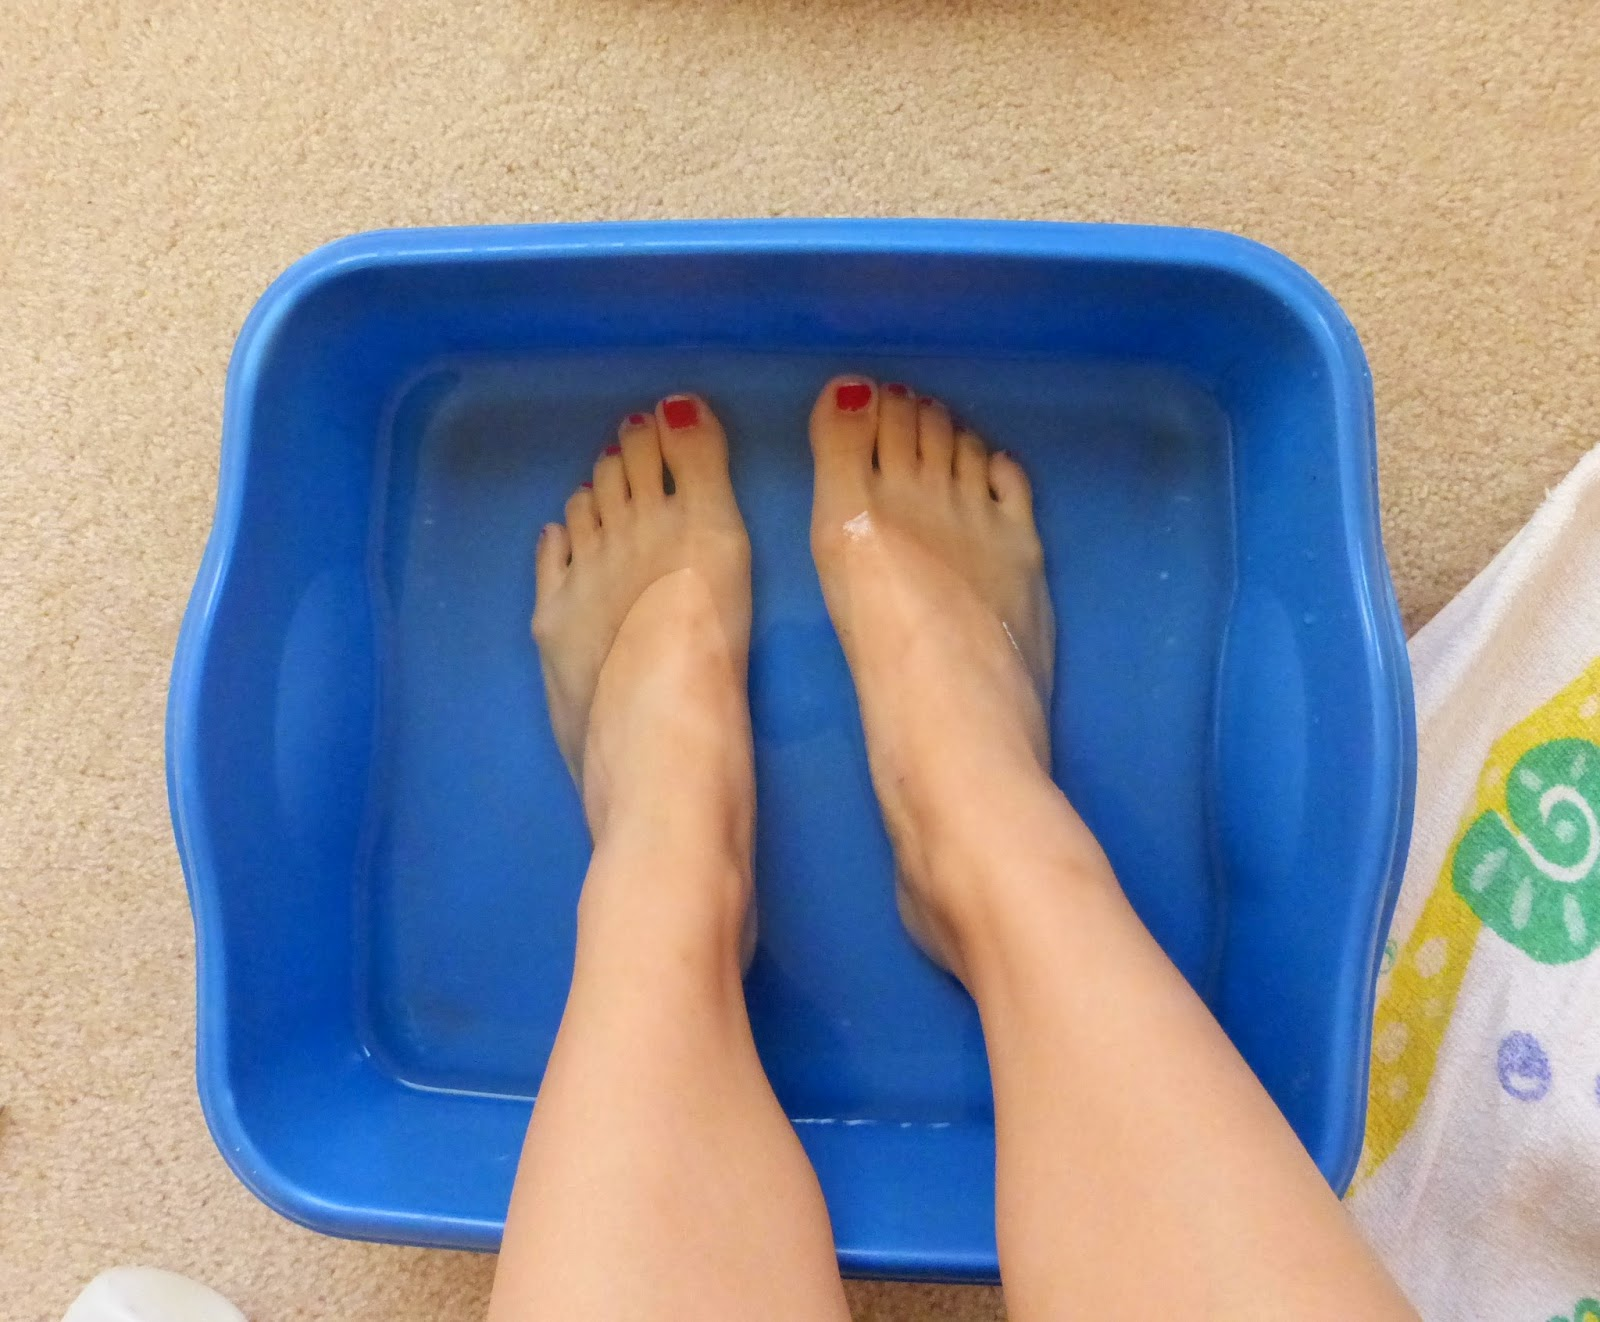 Linda lay feet